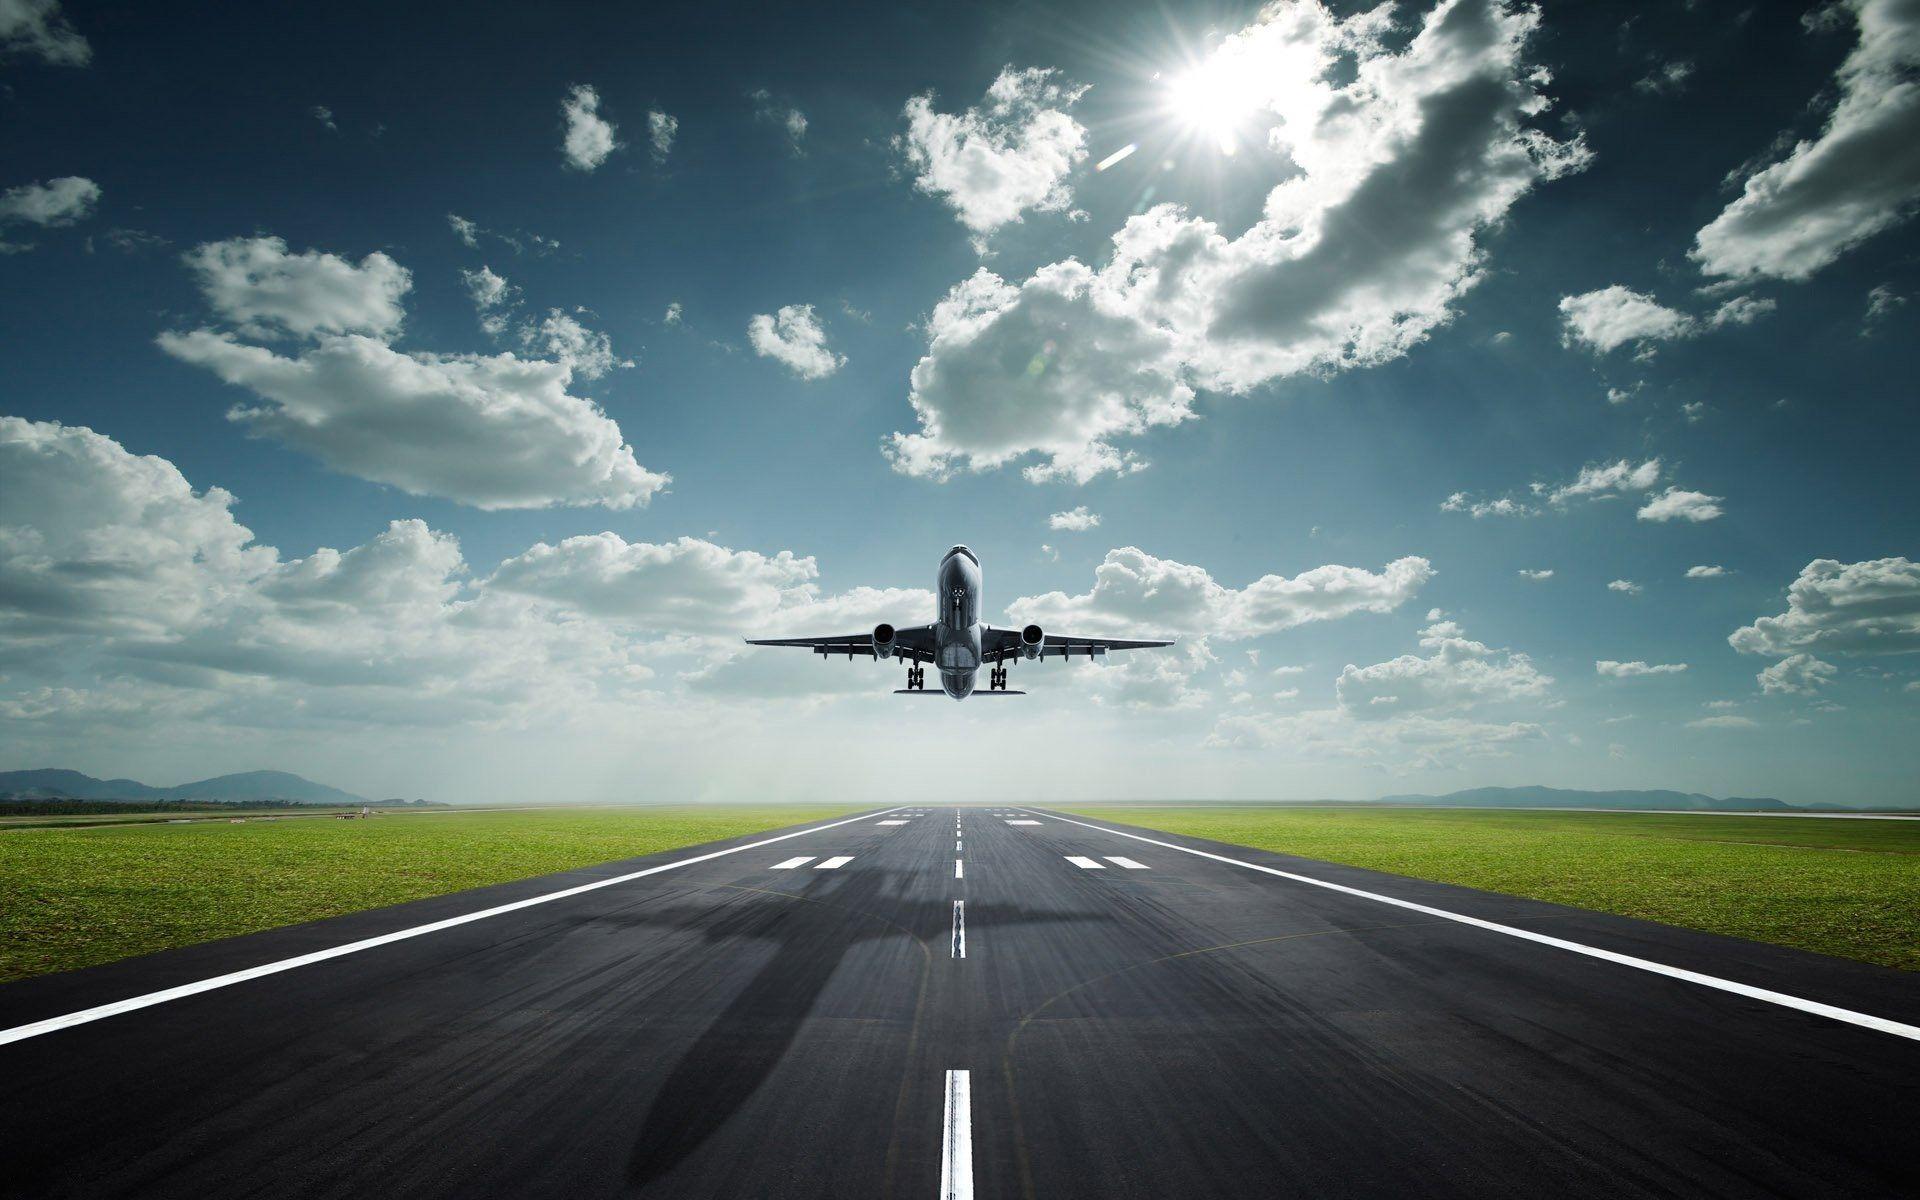 fly-away.jpg